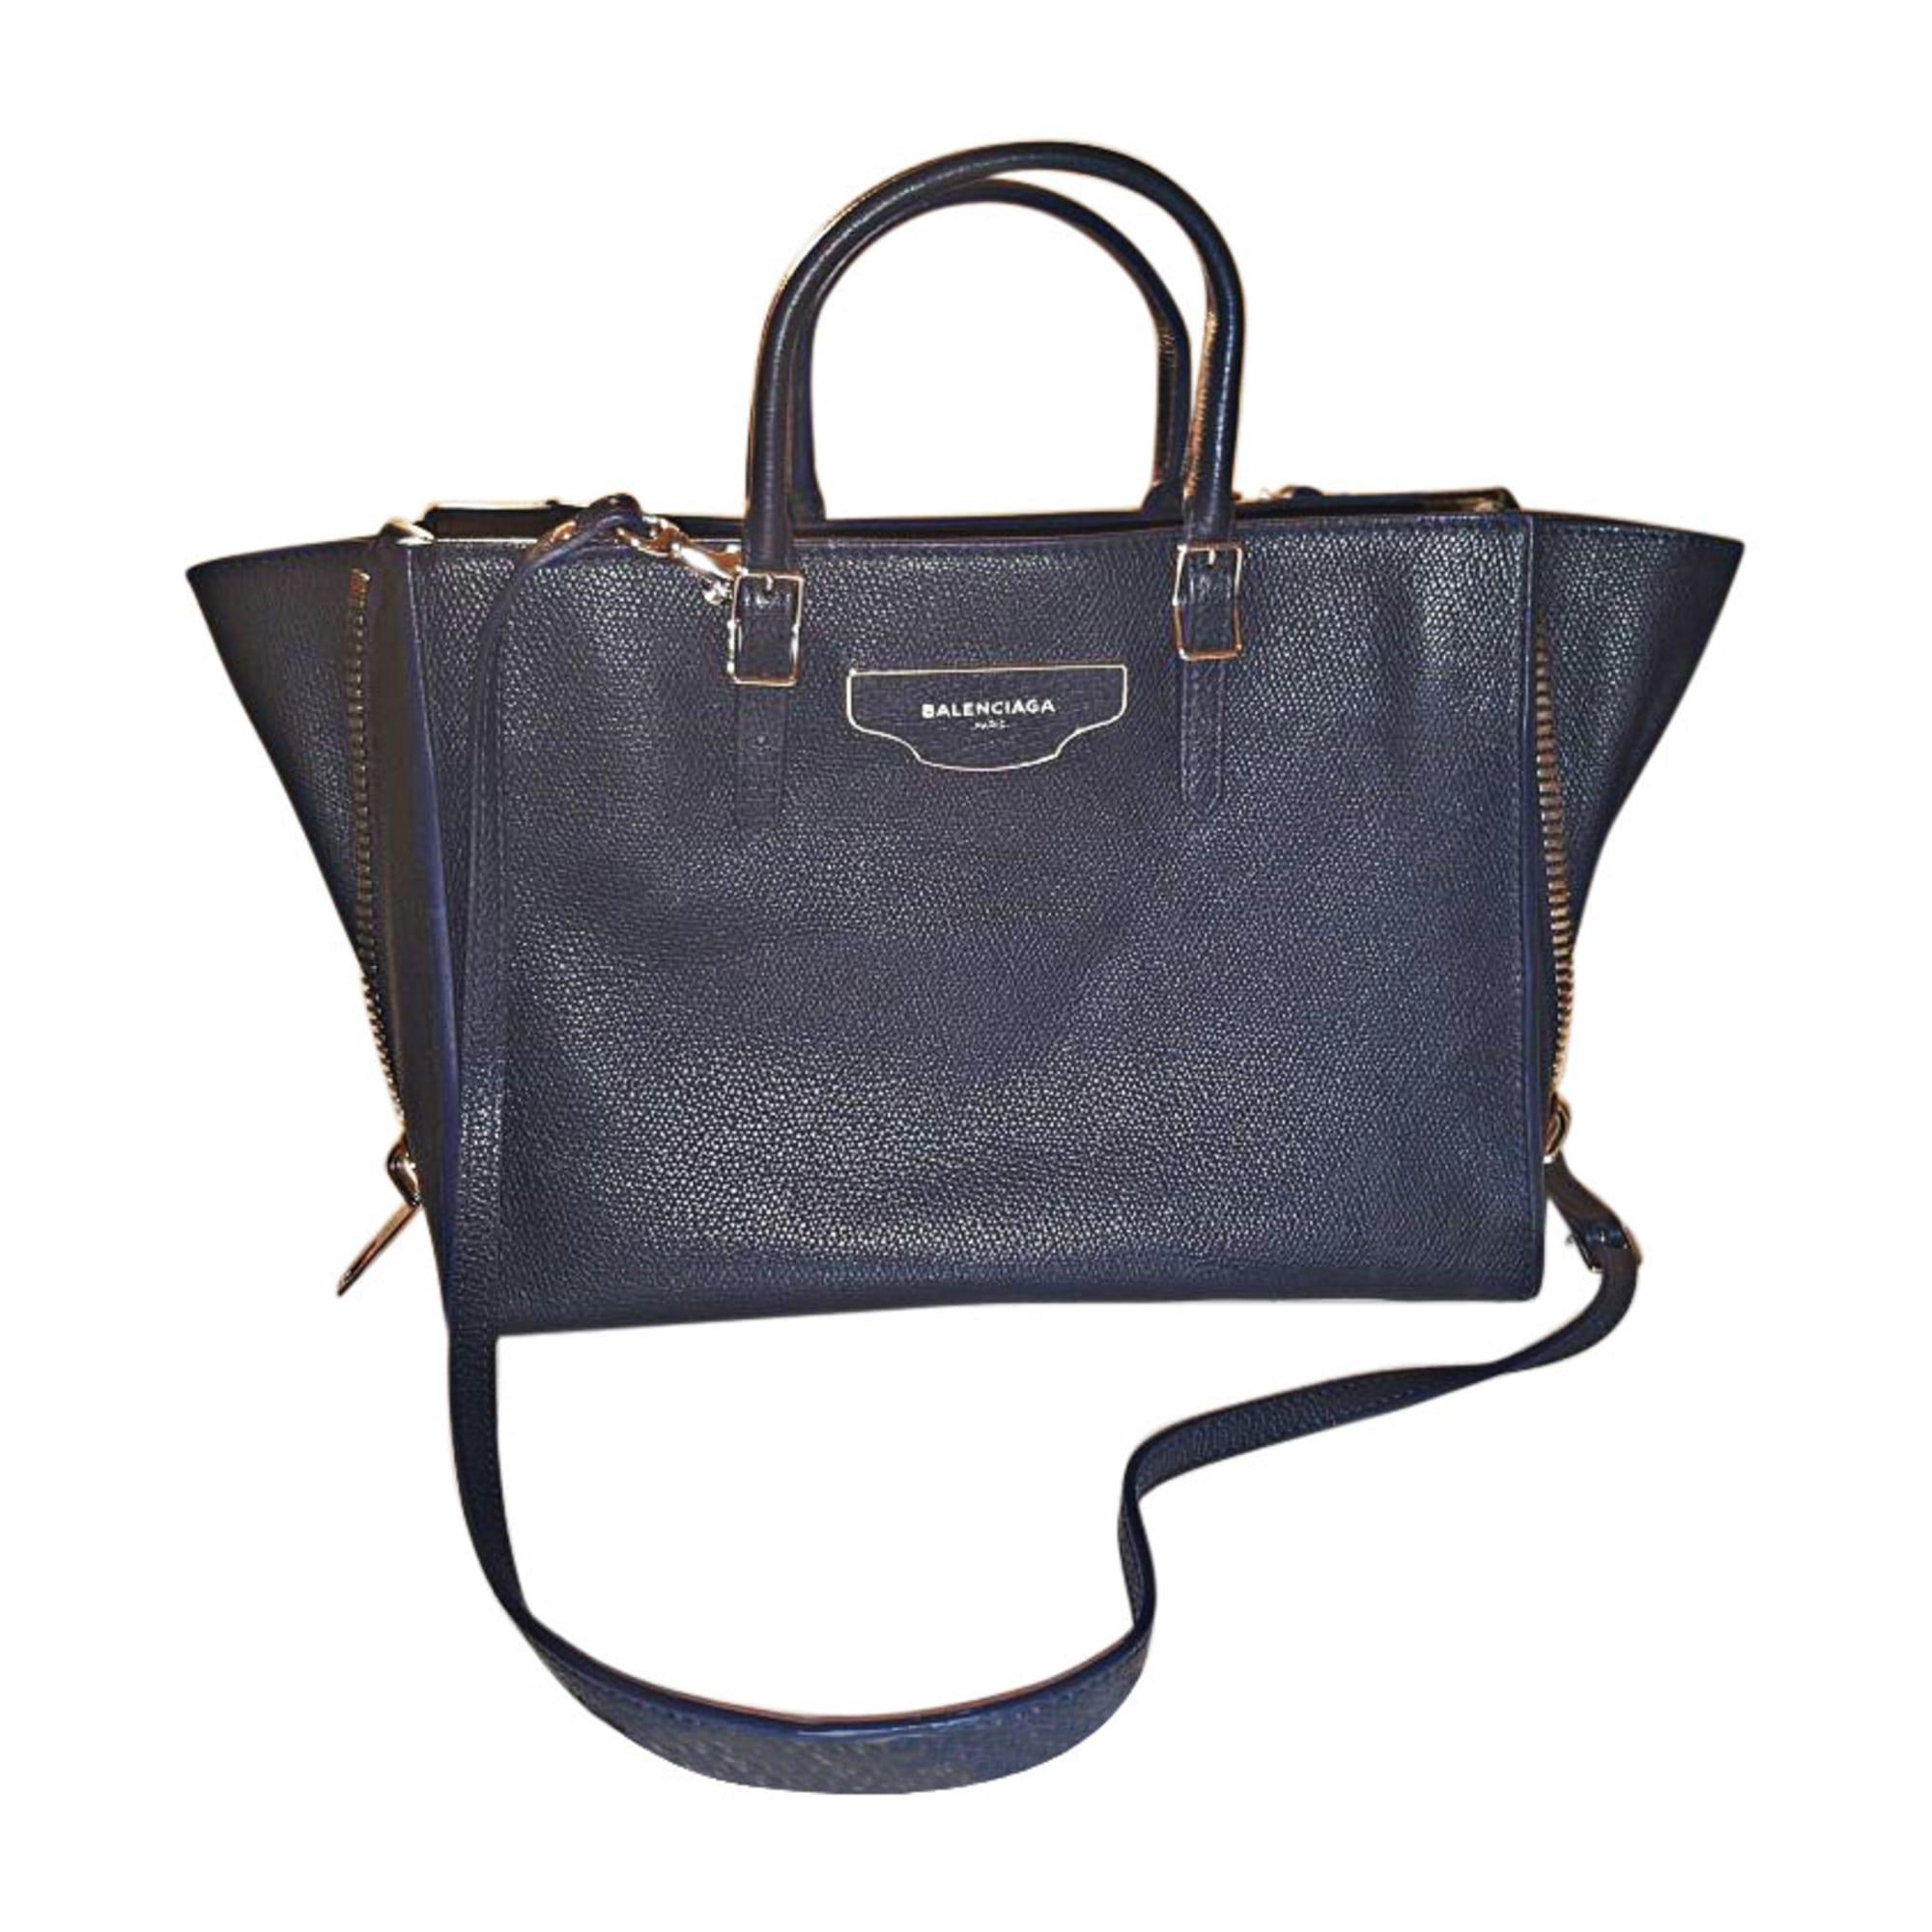 16ab1d06524 Sac à main en cuir BALENCIAGA papier bleu - 5720442